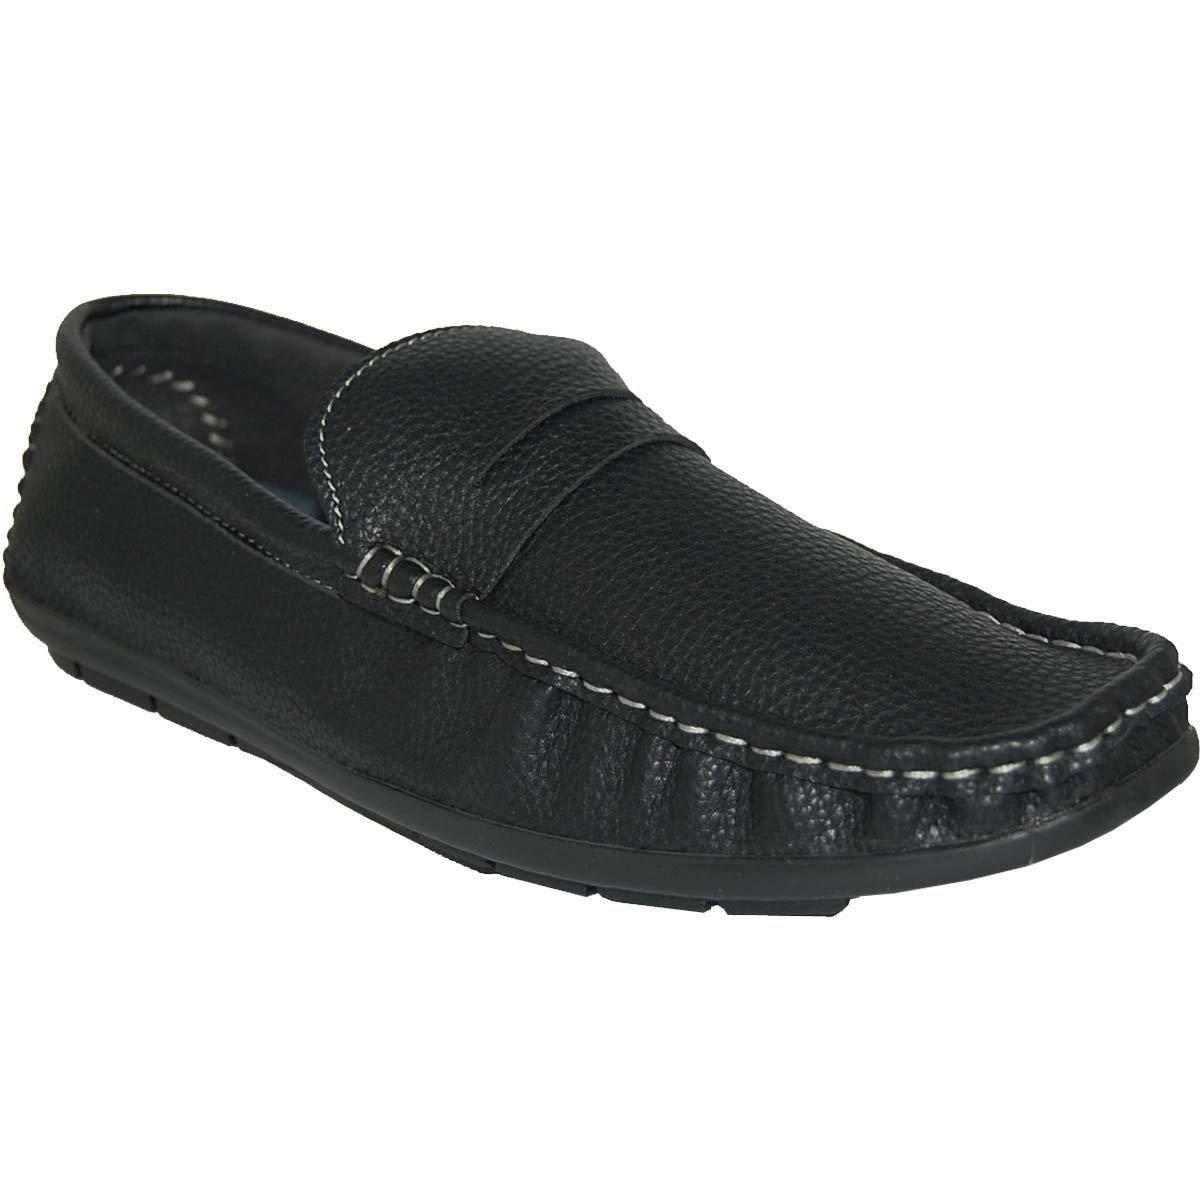 KRAZY SHOE ARTISTS Penny Loafer Men's Slip on Men Shoes -Size 11